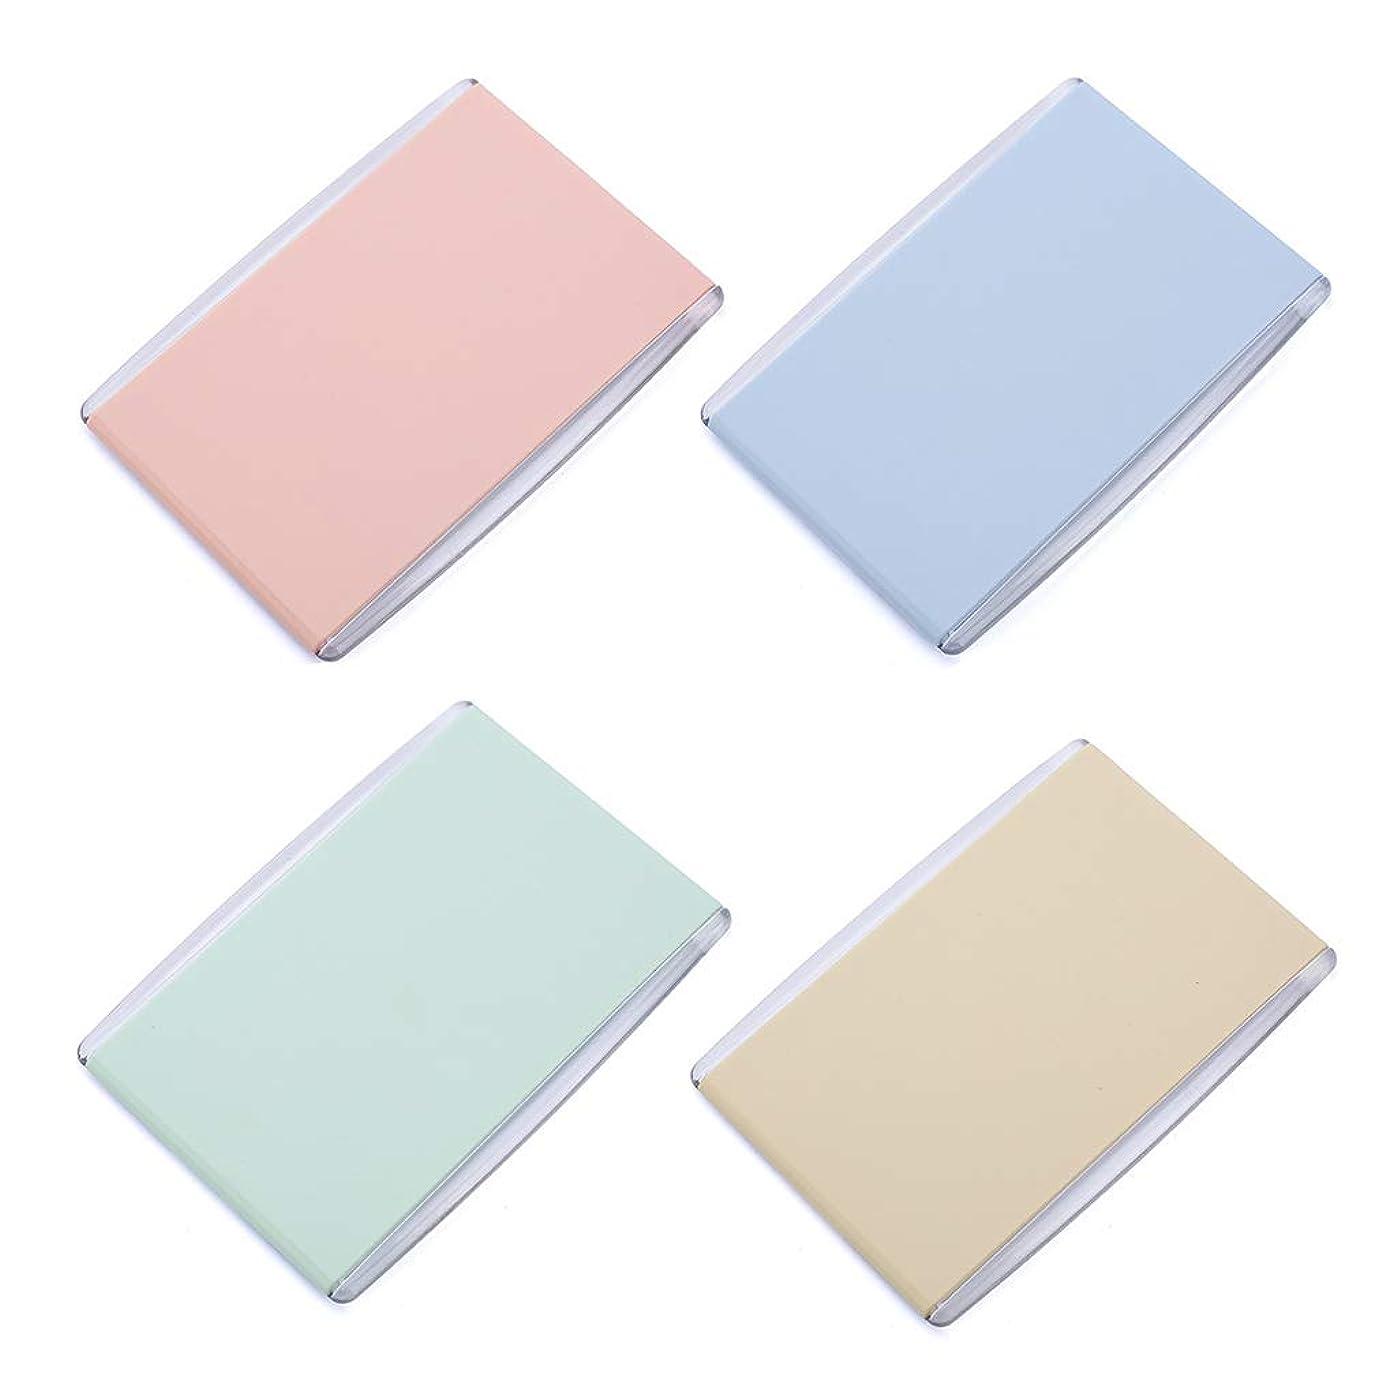 メアリアンジョーンズ反動羊のManyao 1Pc女性の女の子ポータブル折りたたみ長方形7.8x11cmミニコンパクトポケットミラーキャンディーカラー片面の旅行デスクトップの化粧品ツール